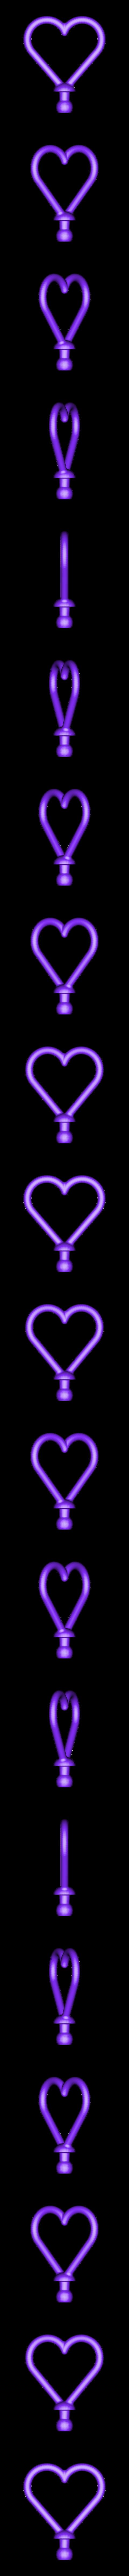 heart.STL Download free STL file Ogo Heart • 3D print design, OgoSport